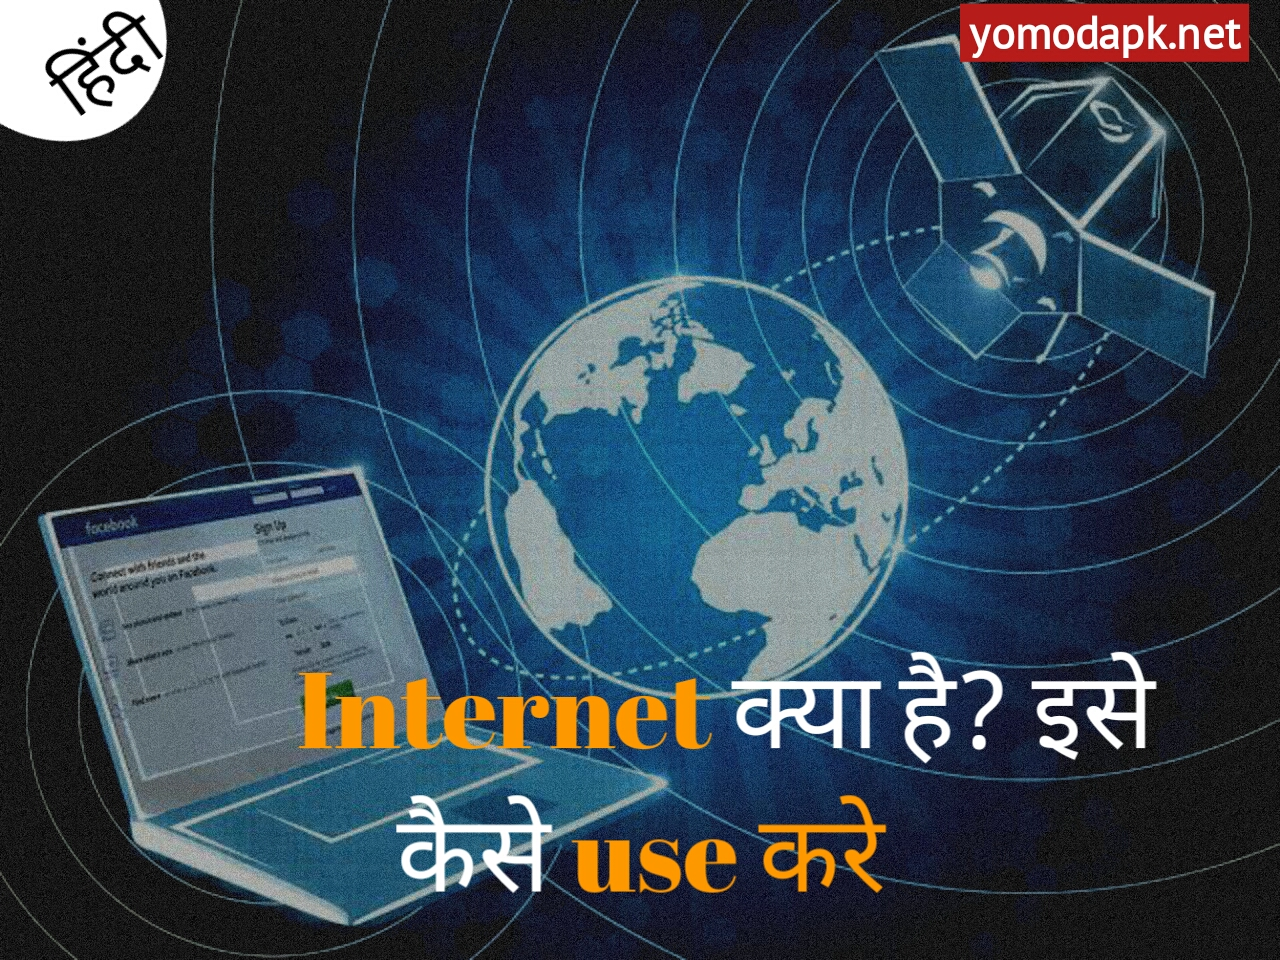 Internet क्या है ? इंटरनेट कब बना ओर इसे कैसे चलाये